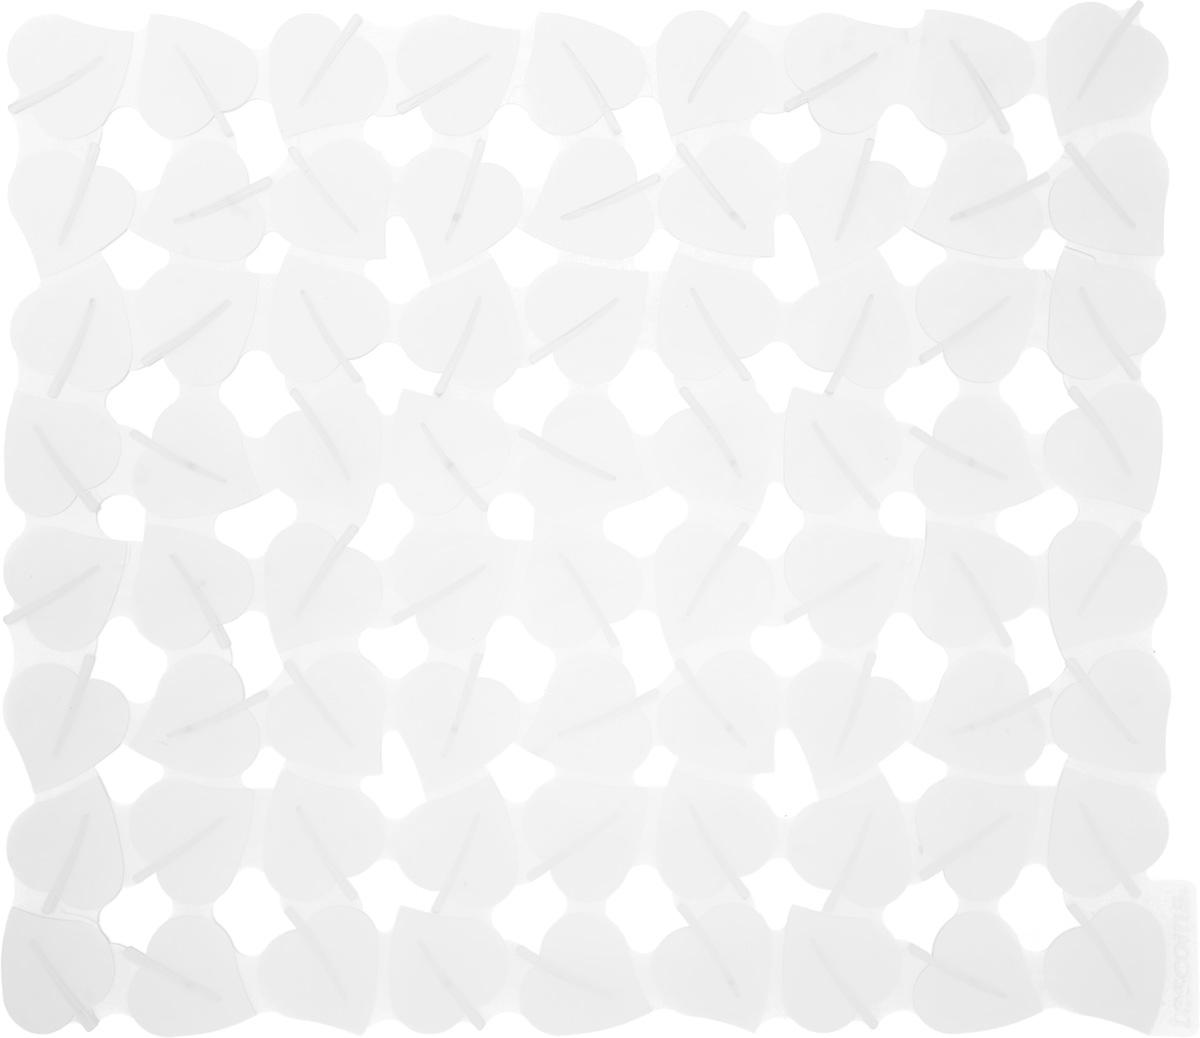 Коврик для раковины Tescoma Листочки, цвет: прозрачный, 32 x 28 см54 009312Стильный и удобный коврик для раковины Tescoma Листочки изготовлен из эластичного пластика. Он одновременно выполняет несколько функций: украшает, защищает мойку от царапин и сколов, смягчает удары при падении посуды в мойку. Коврик также можно использовать для сушки посуды, фруктов и овощей. Он легко очищается отгрязи и жира.Можно мыть в посудомоечной машине.